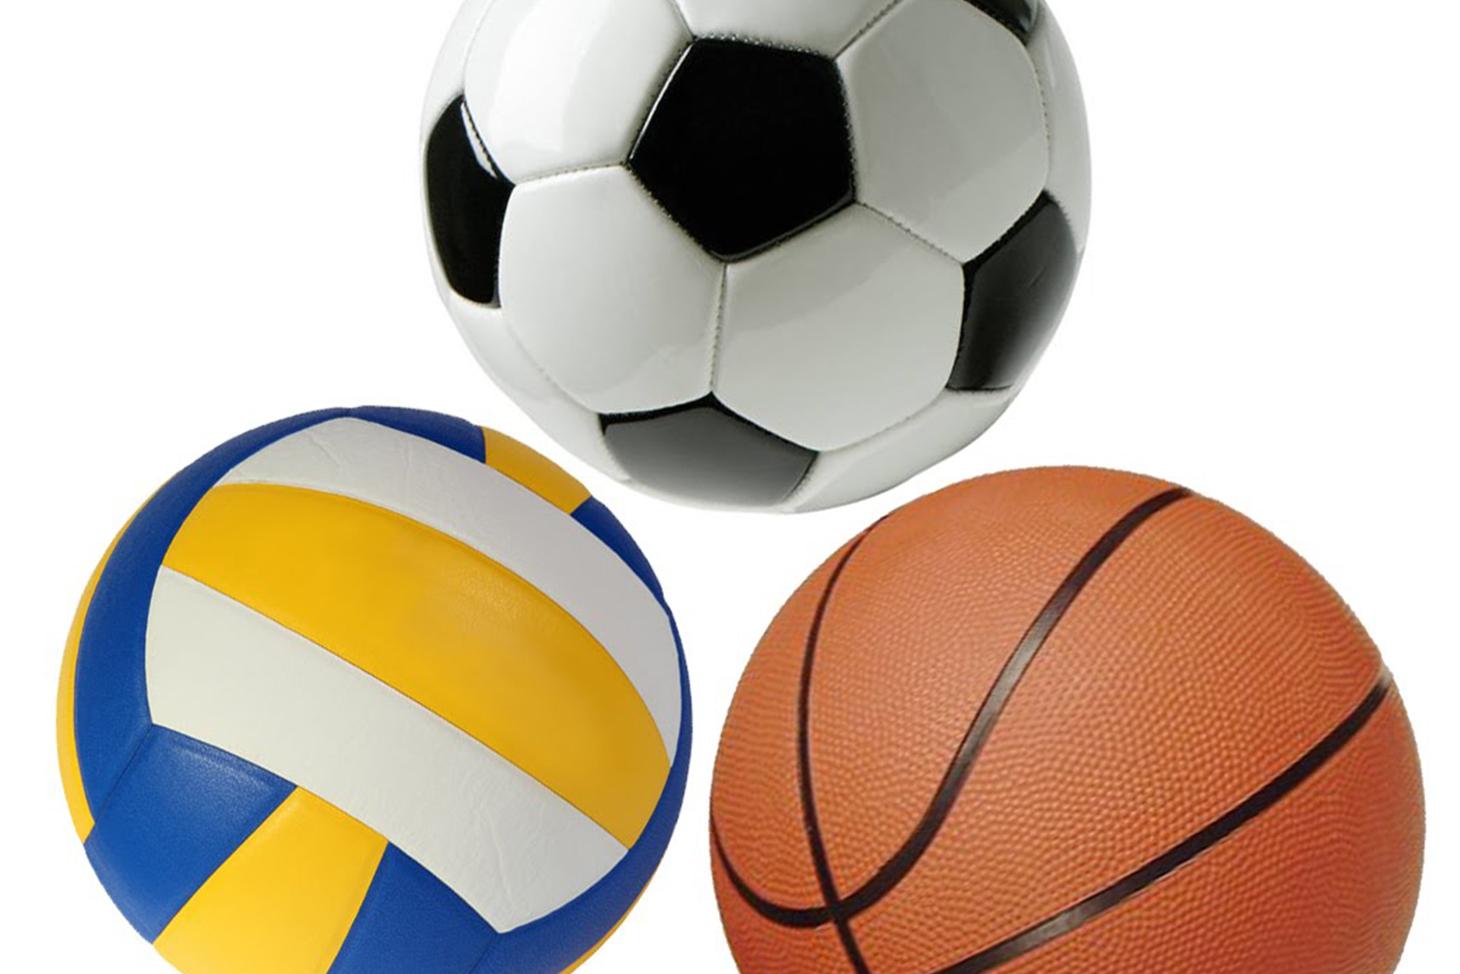 b3dc6041f6057 Atividade esportiva - Entrevista com Diretor de Esportes - Clube Jundiaiense